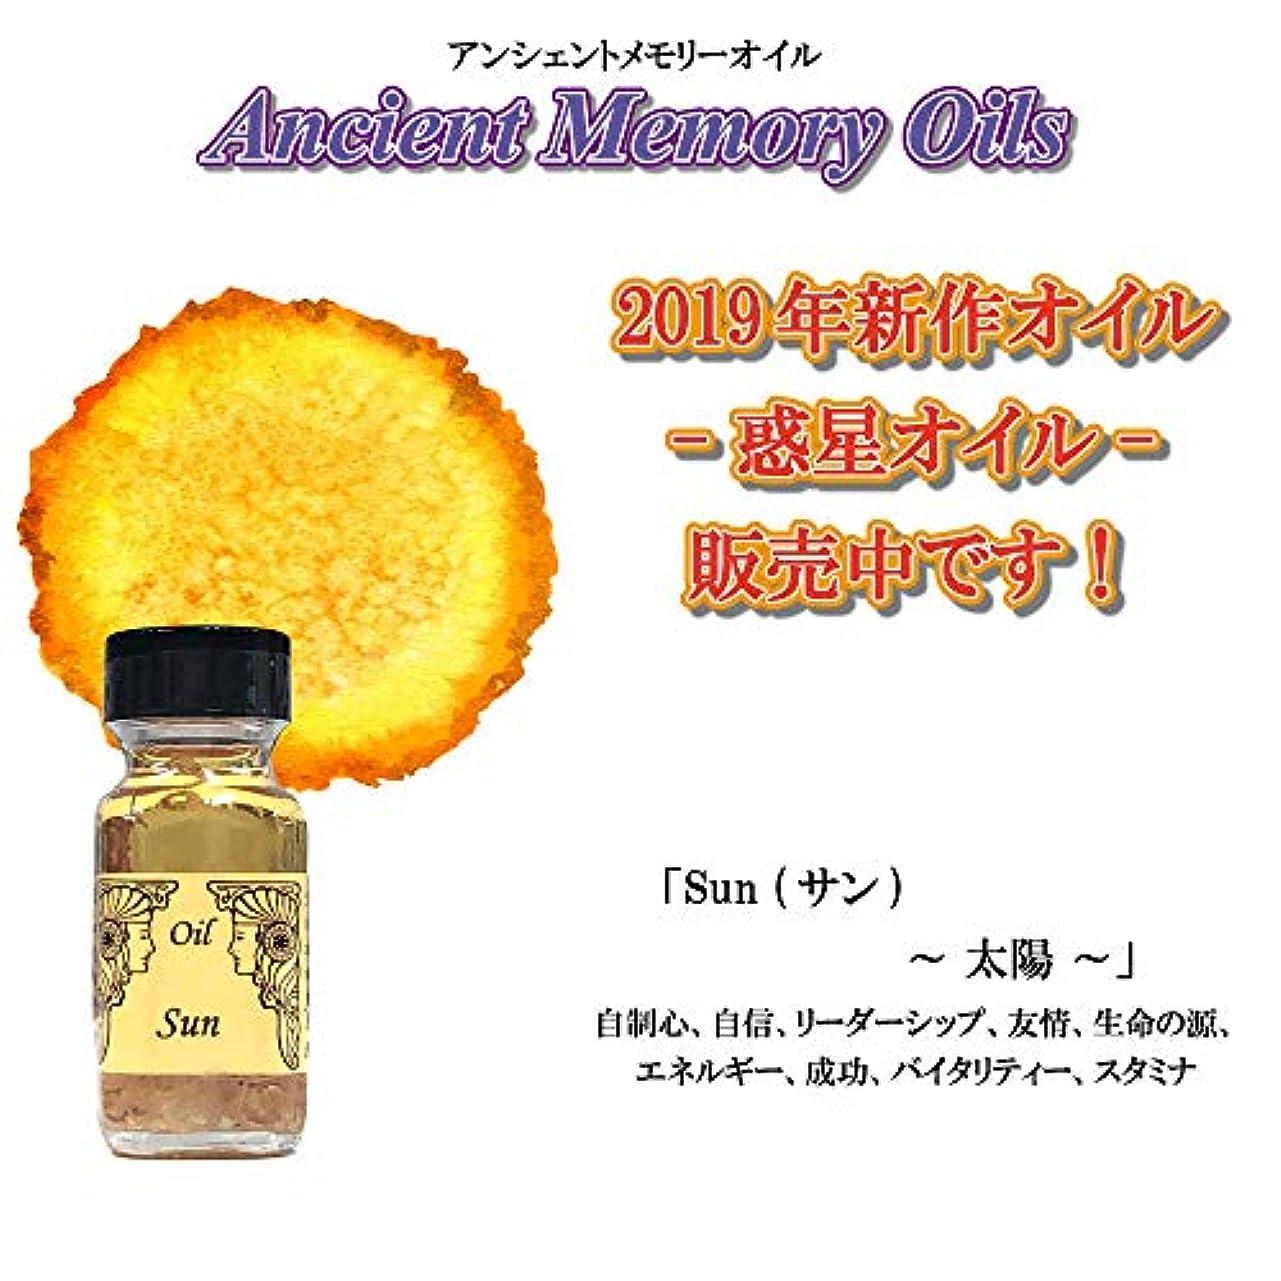 波優先権関係SEDONA Ancient Memory Oils セドナ アンシェントメモリーオイル 惑星オイル Sun 太陽 サン 15ml